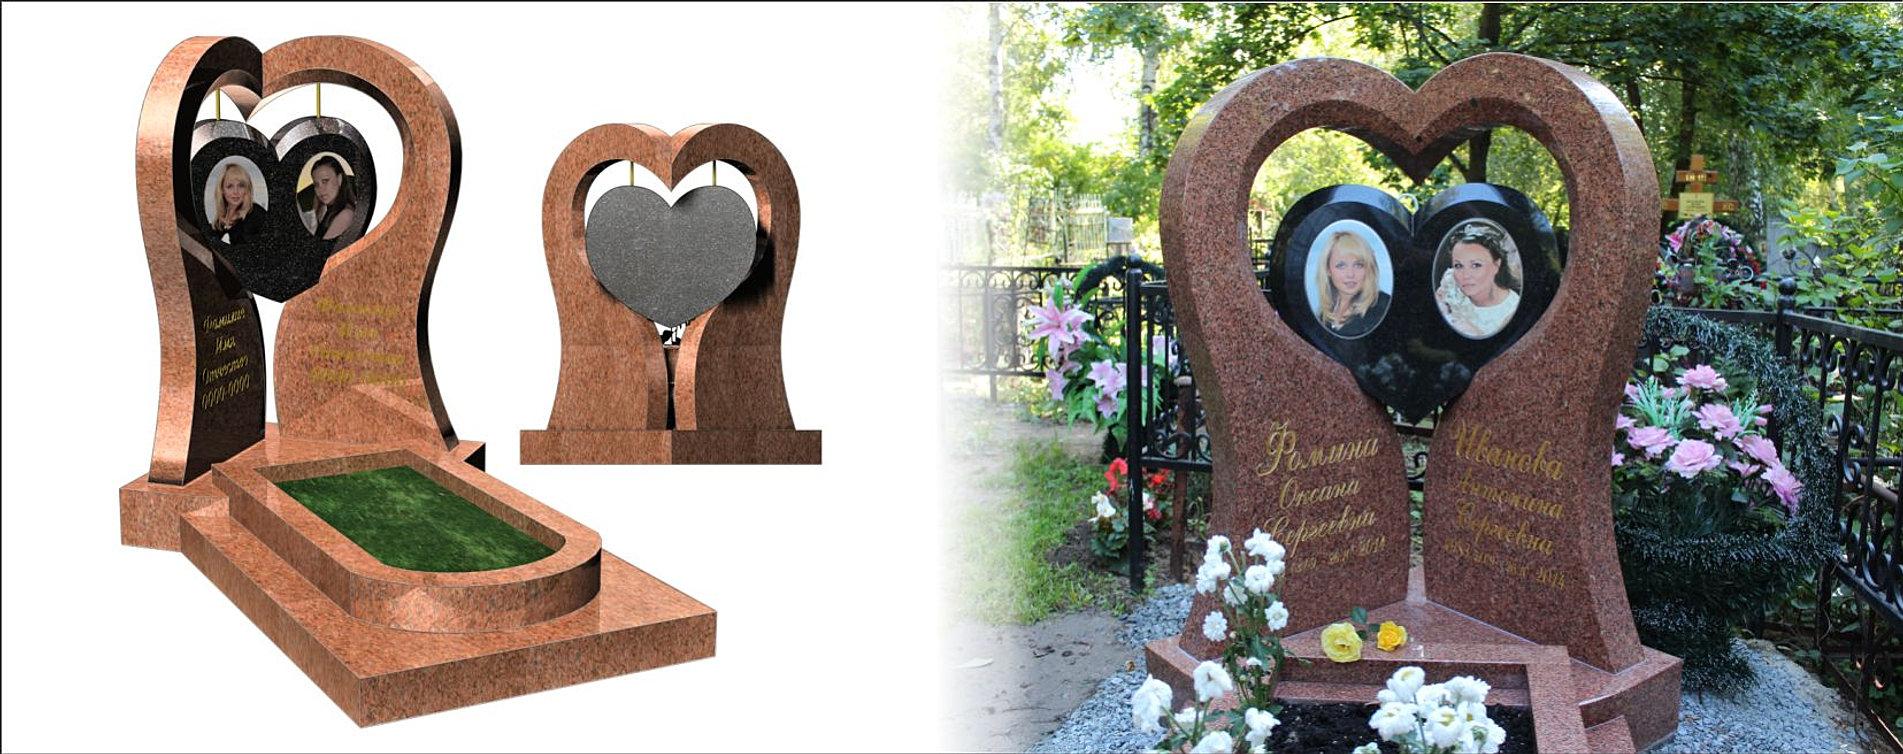 Дизайн надгробий и памятников